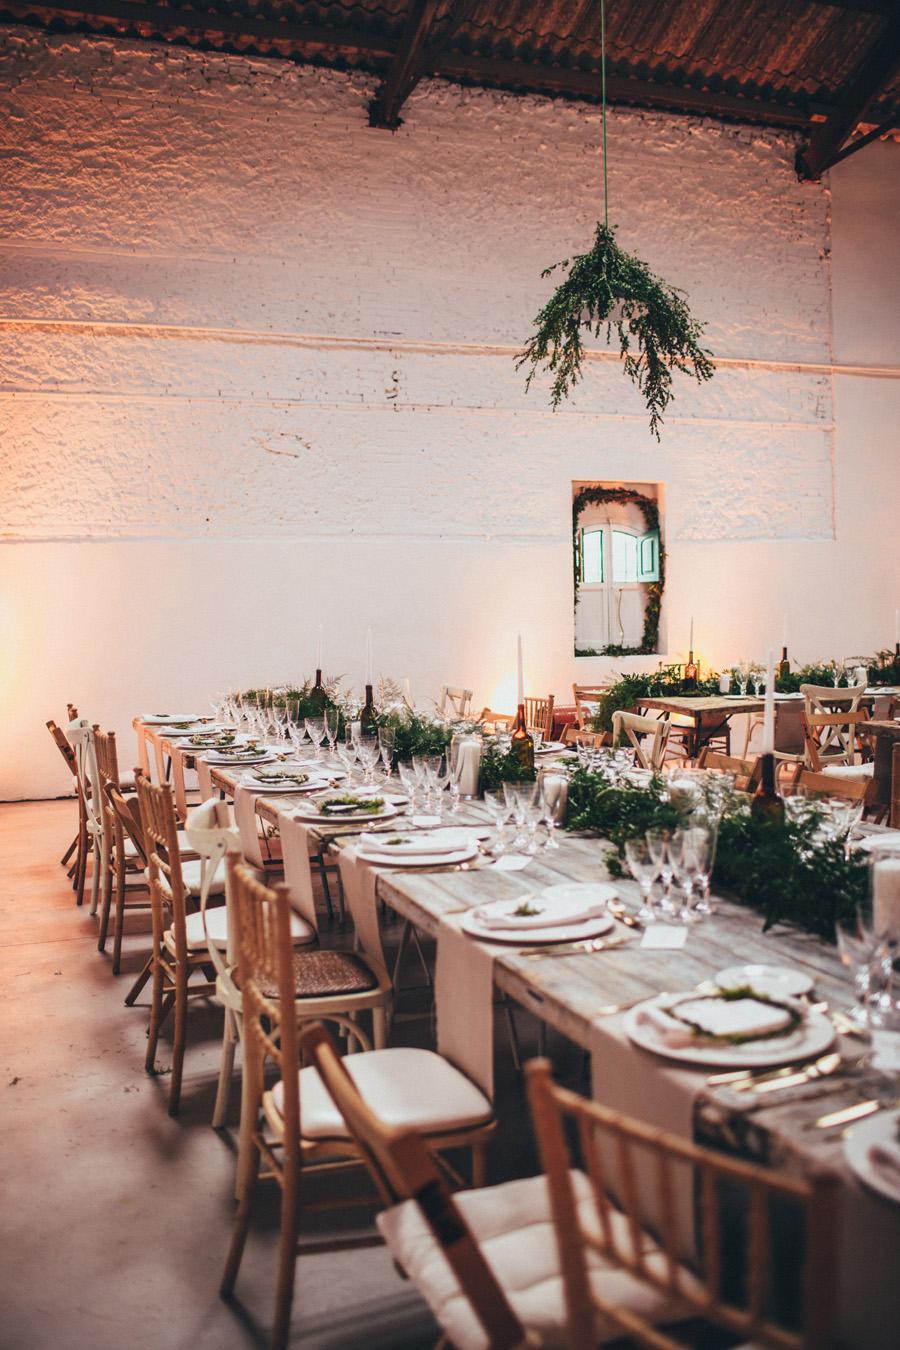 calista-one-lista-de-bodas-online-blog-de-bodas-inpisracion-bodas-sara-birds-27